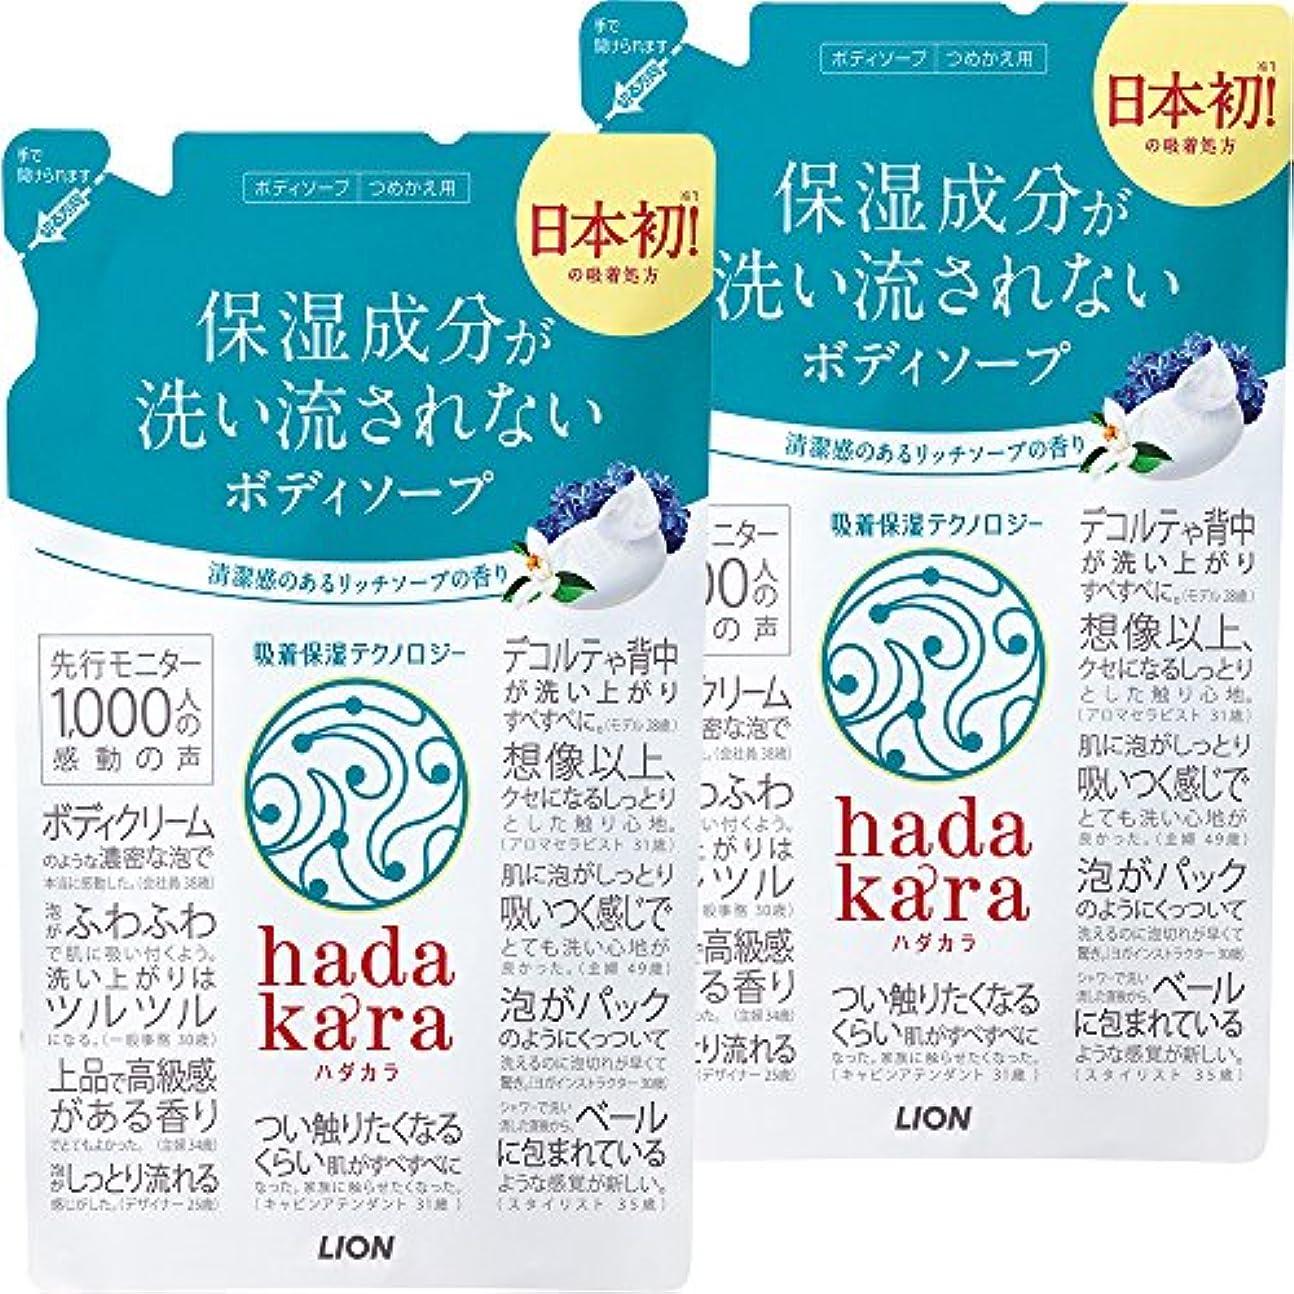 描写規制ドラッグ【まとめ買い】hadakara(ハダカラ) ボディソープ リッチソープの香り 詰め替え 360ml×2個パック